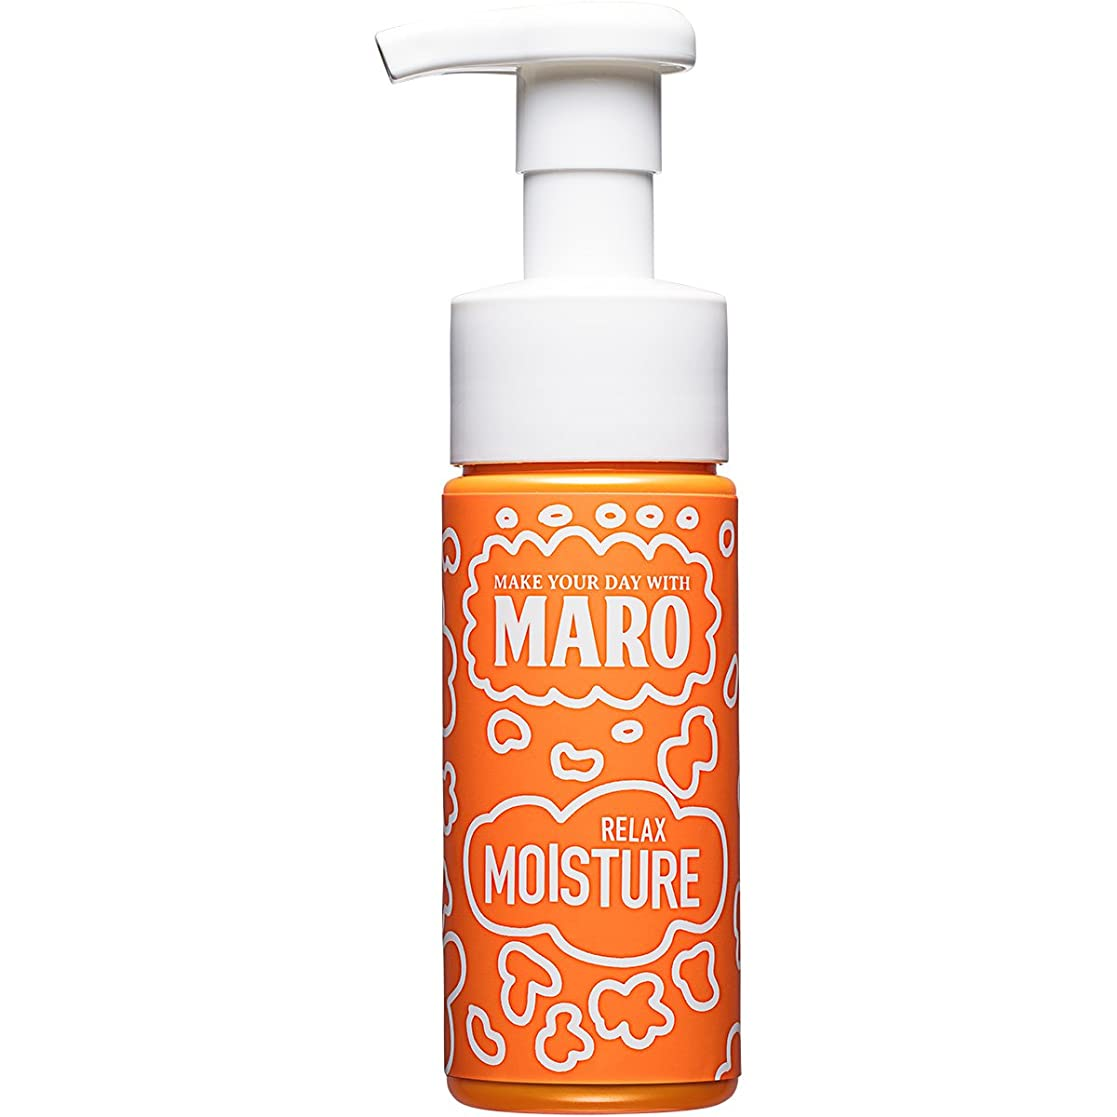 換気する奇跡的な実現可能性MARO グルーヴィー 泡洗顔 リラックスモイスチャー 150ml